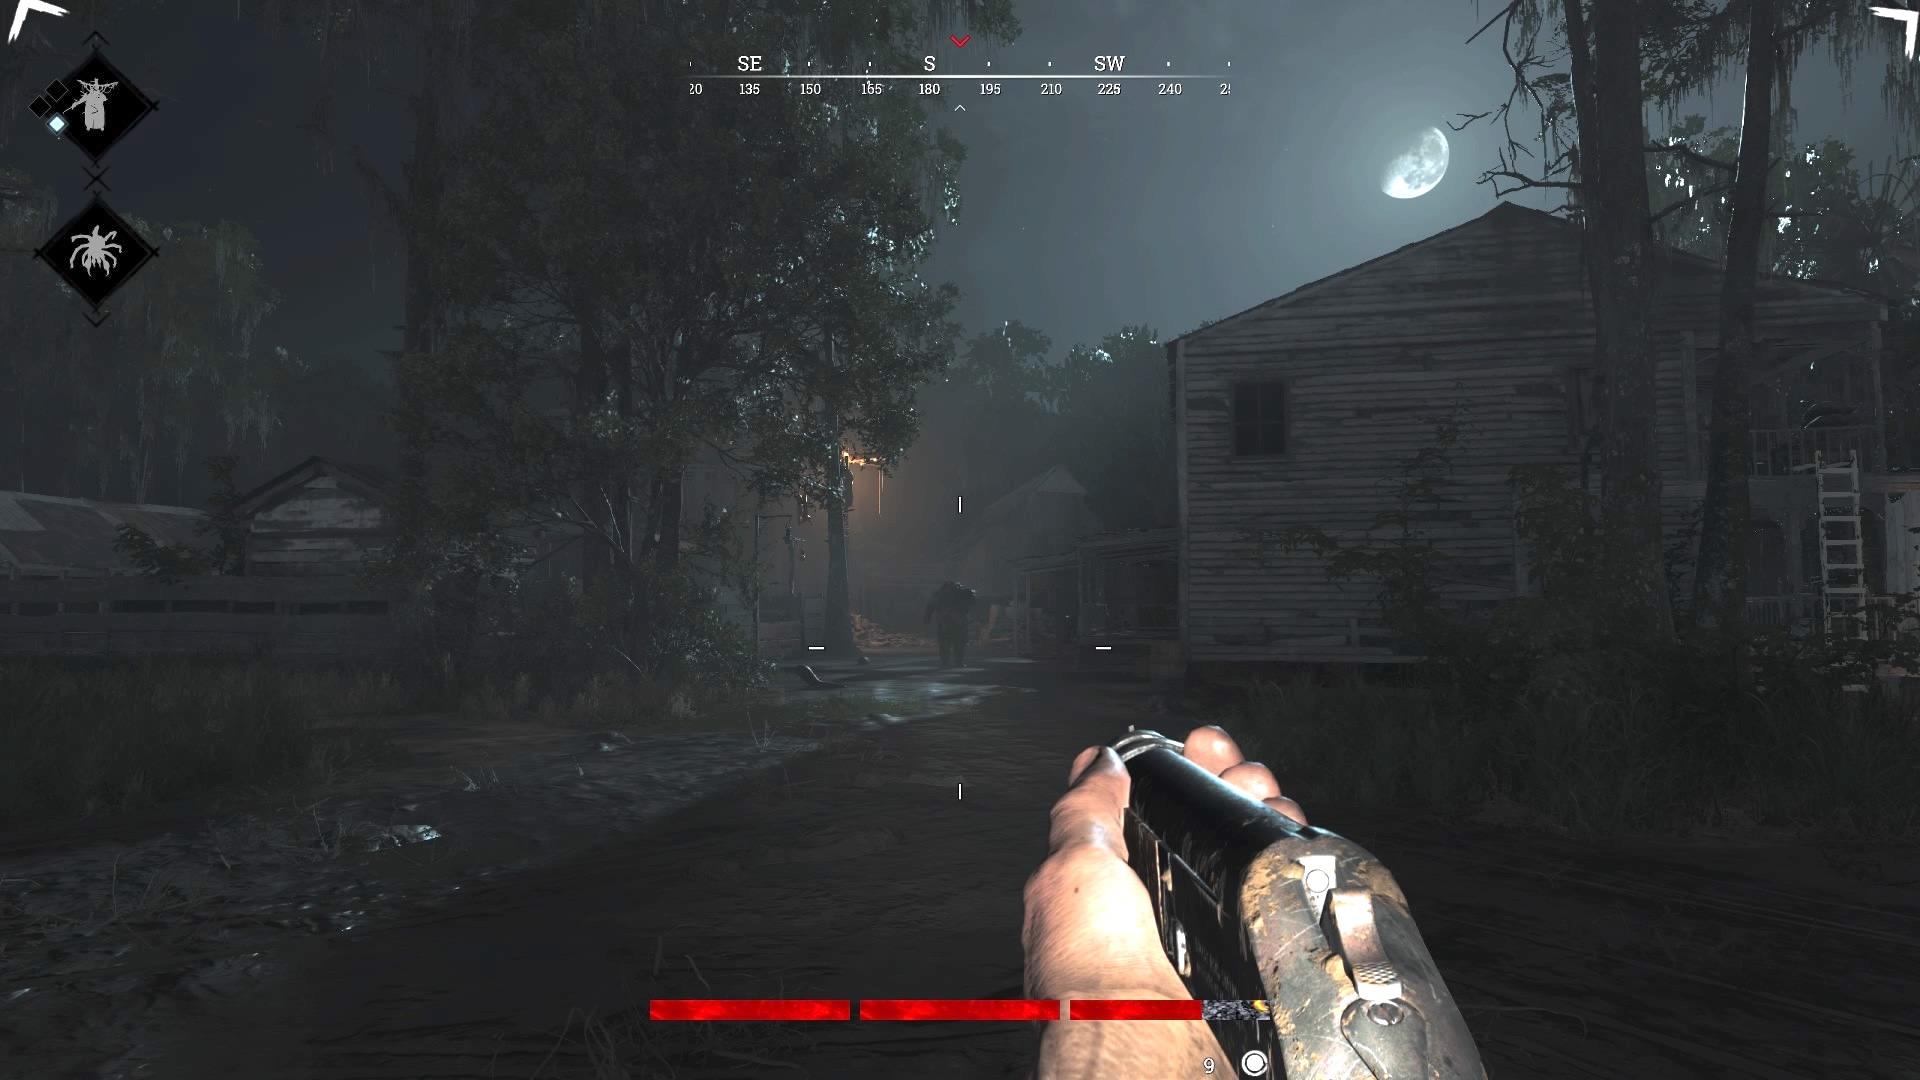 Llevamos varios días jugando a Hunt: Showdown en PS4. Es sorprendente que el juego haya pasado por mi nariz porque es único. 2